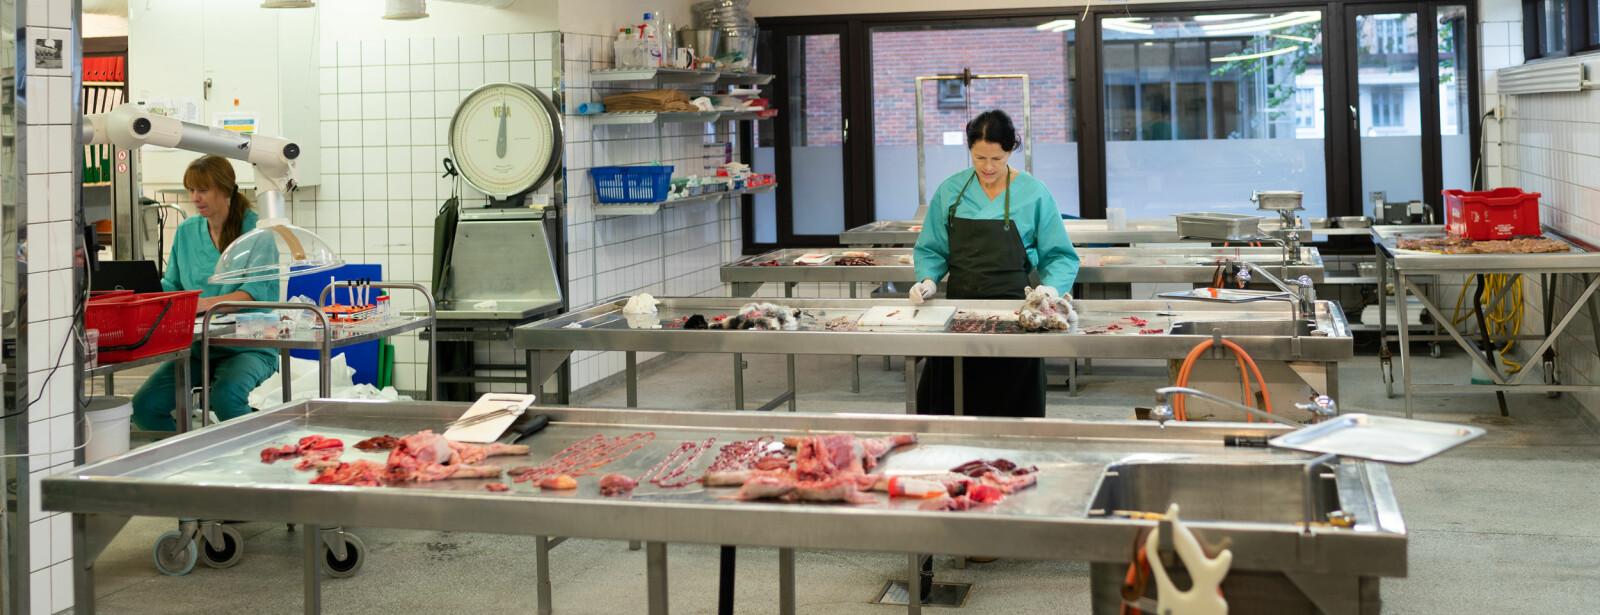 Overingeniør Ingunn Ruud (t.v.) og patolog Helene Wisløff obduserer og tek prøver av ulike dyreslag som ligg på rekke og rad på benkane. Foto: Ketil Blom Haugstulen.